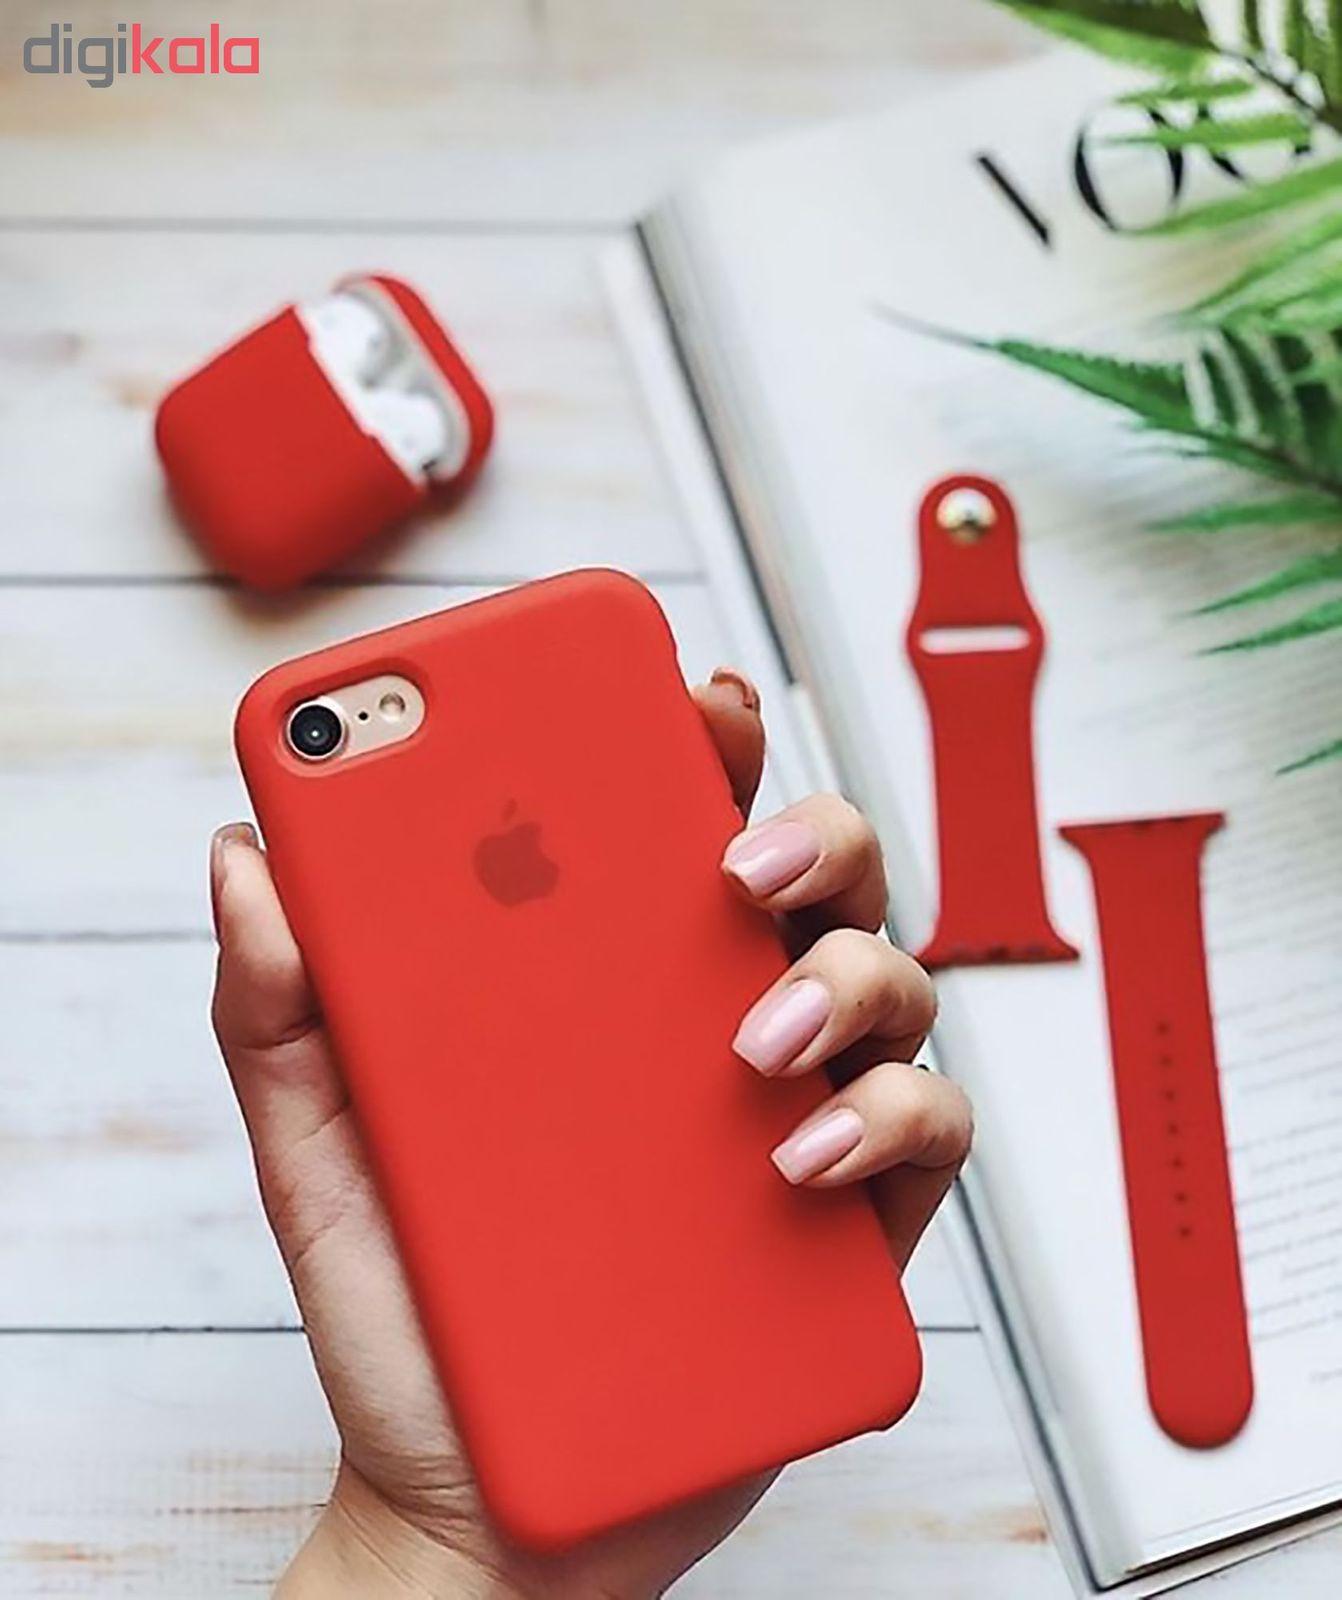 کاور مدل Silc مناسب برای گوشی موبایل اپل Iphone 8 / iphone 7 main 1 22